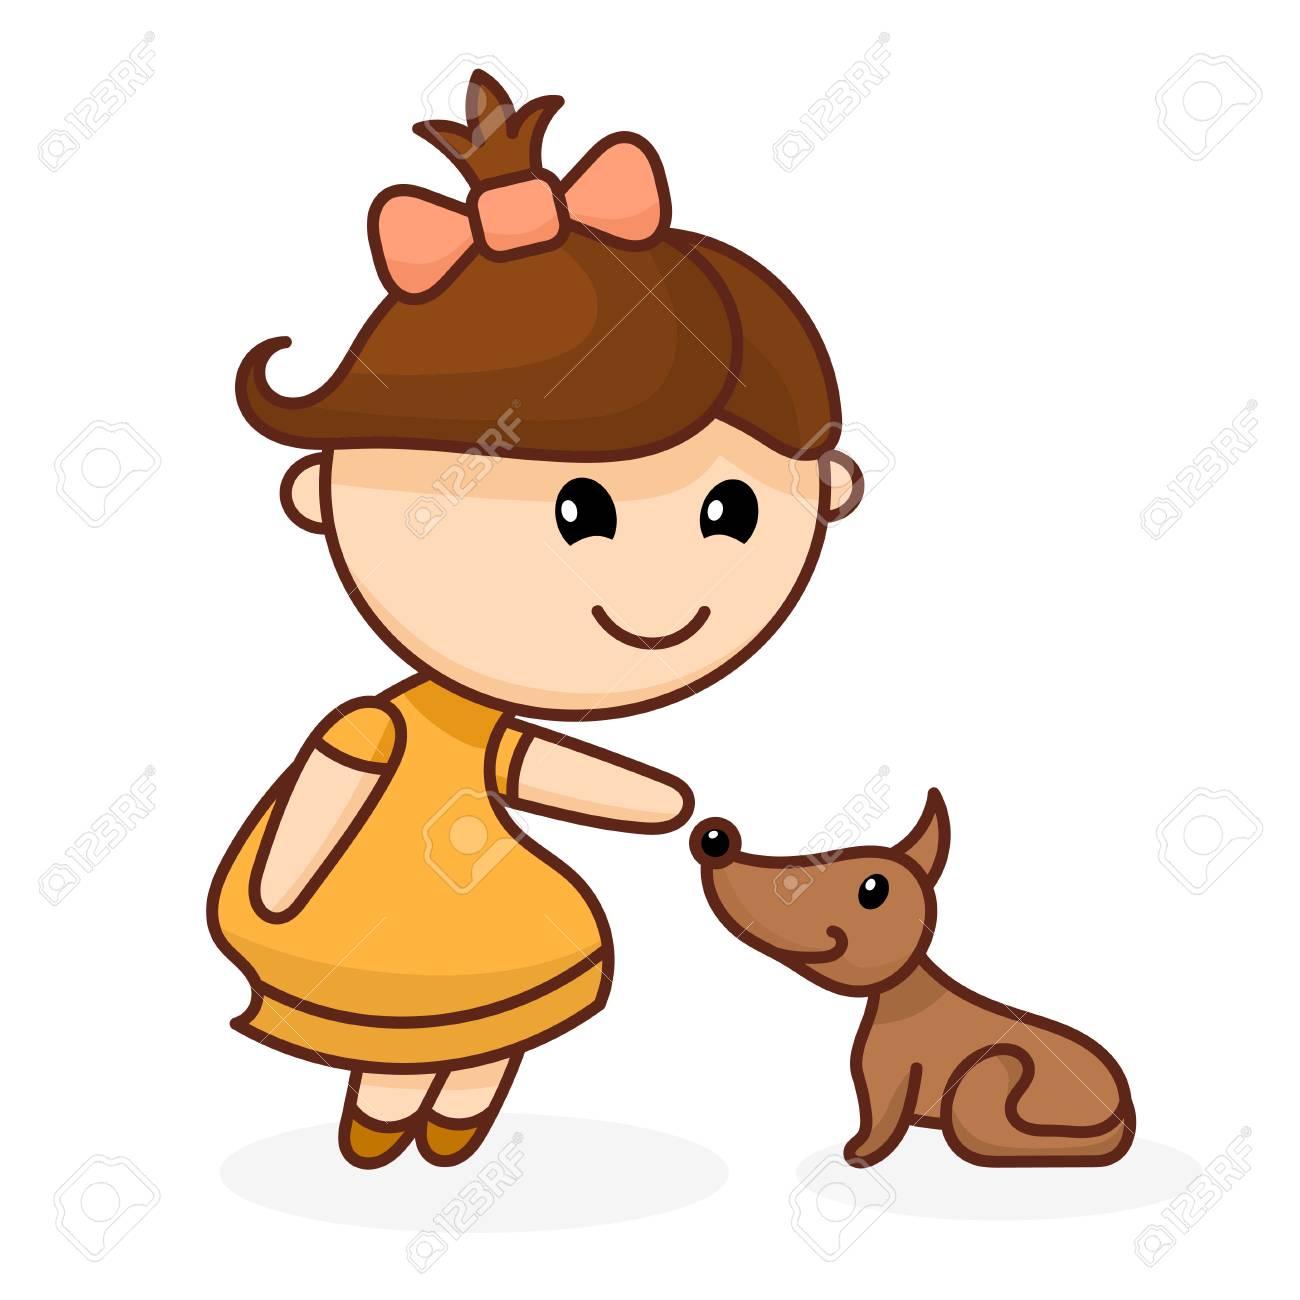 Image Couleur Abstraite D Une Petite Fille Mignonne Avec Un Arc Et Un Chien Fille De Dessin Animé Avec Un Chien Sur Fond Blanc Illustration